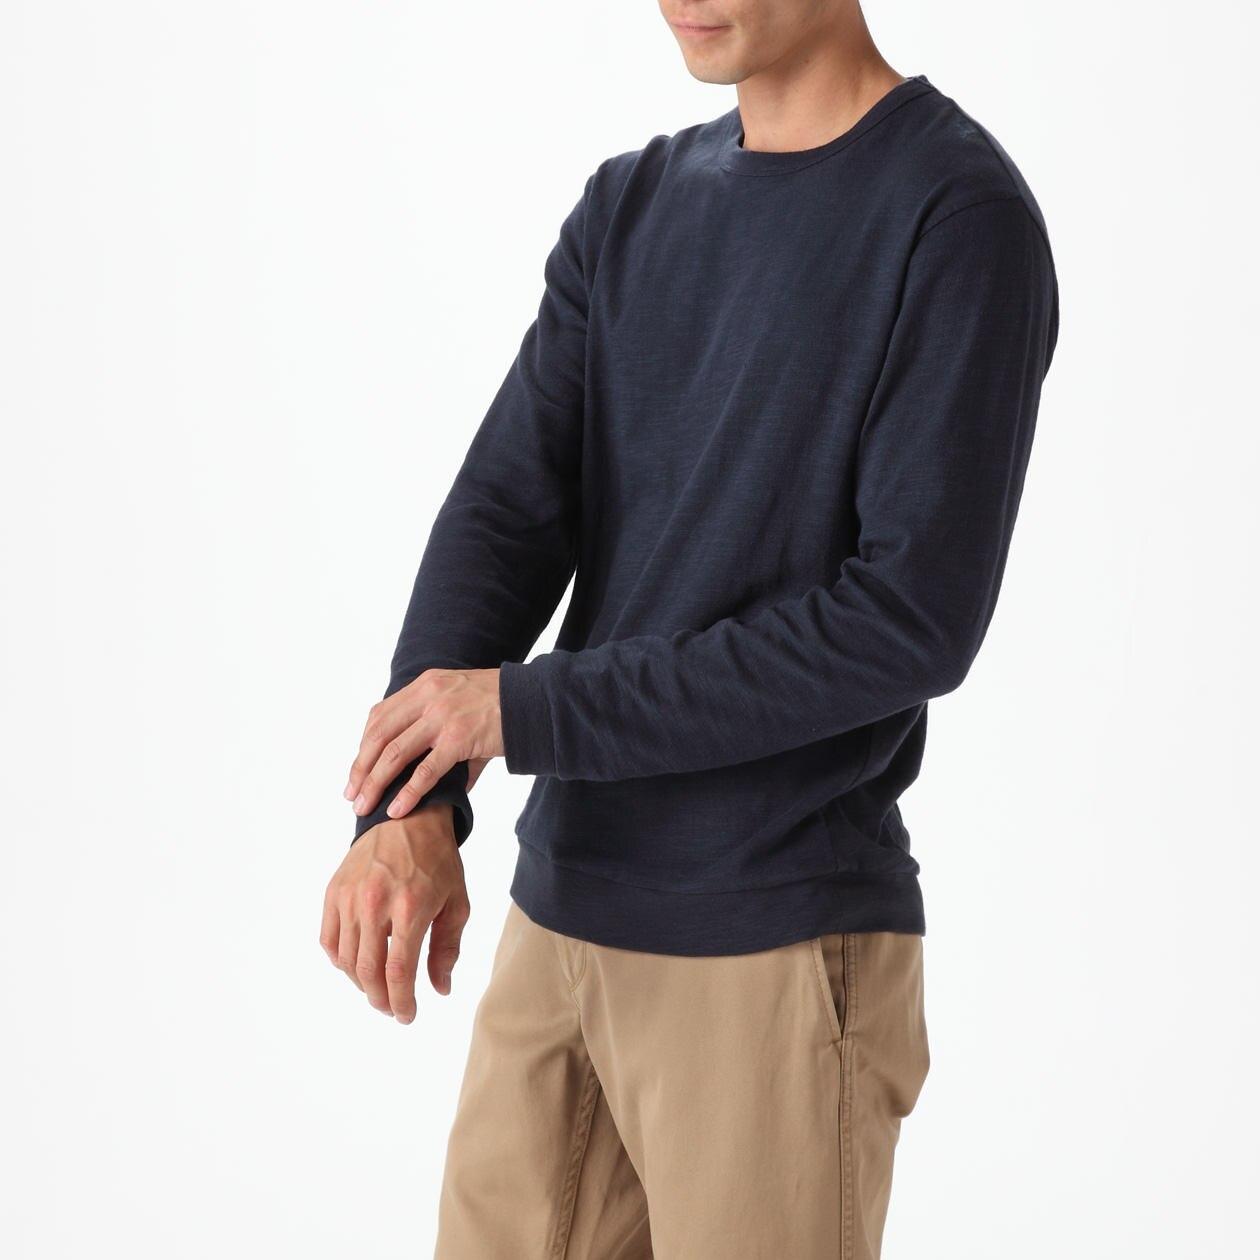 オーガニックコットンムラ糸長袖Tシャツ